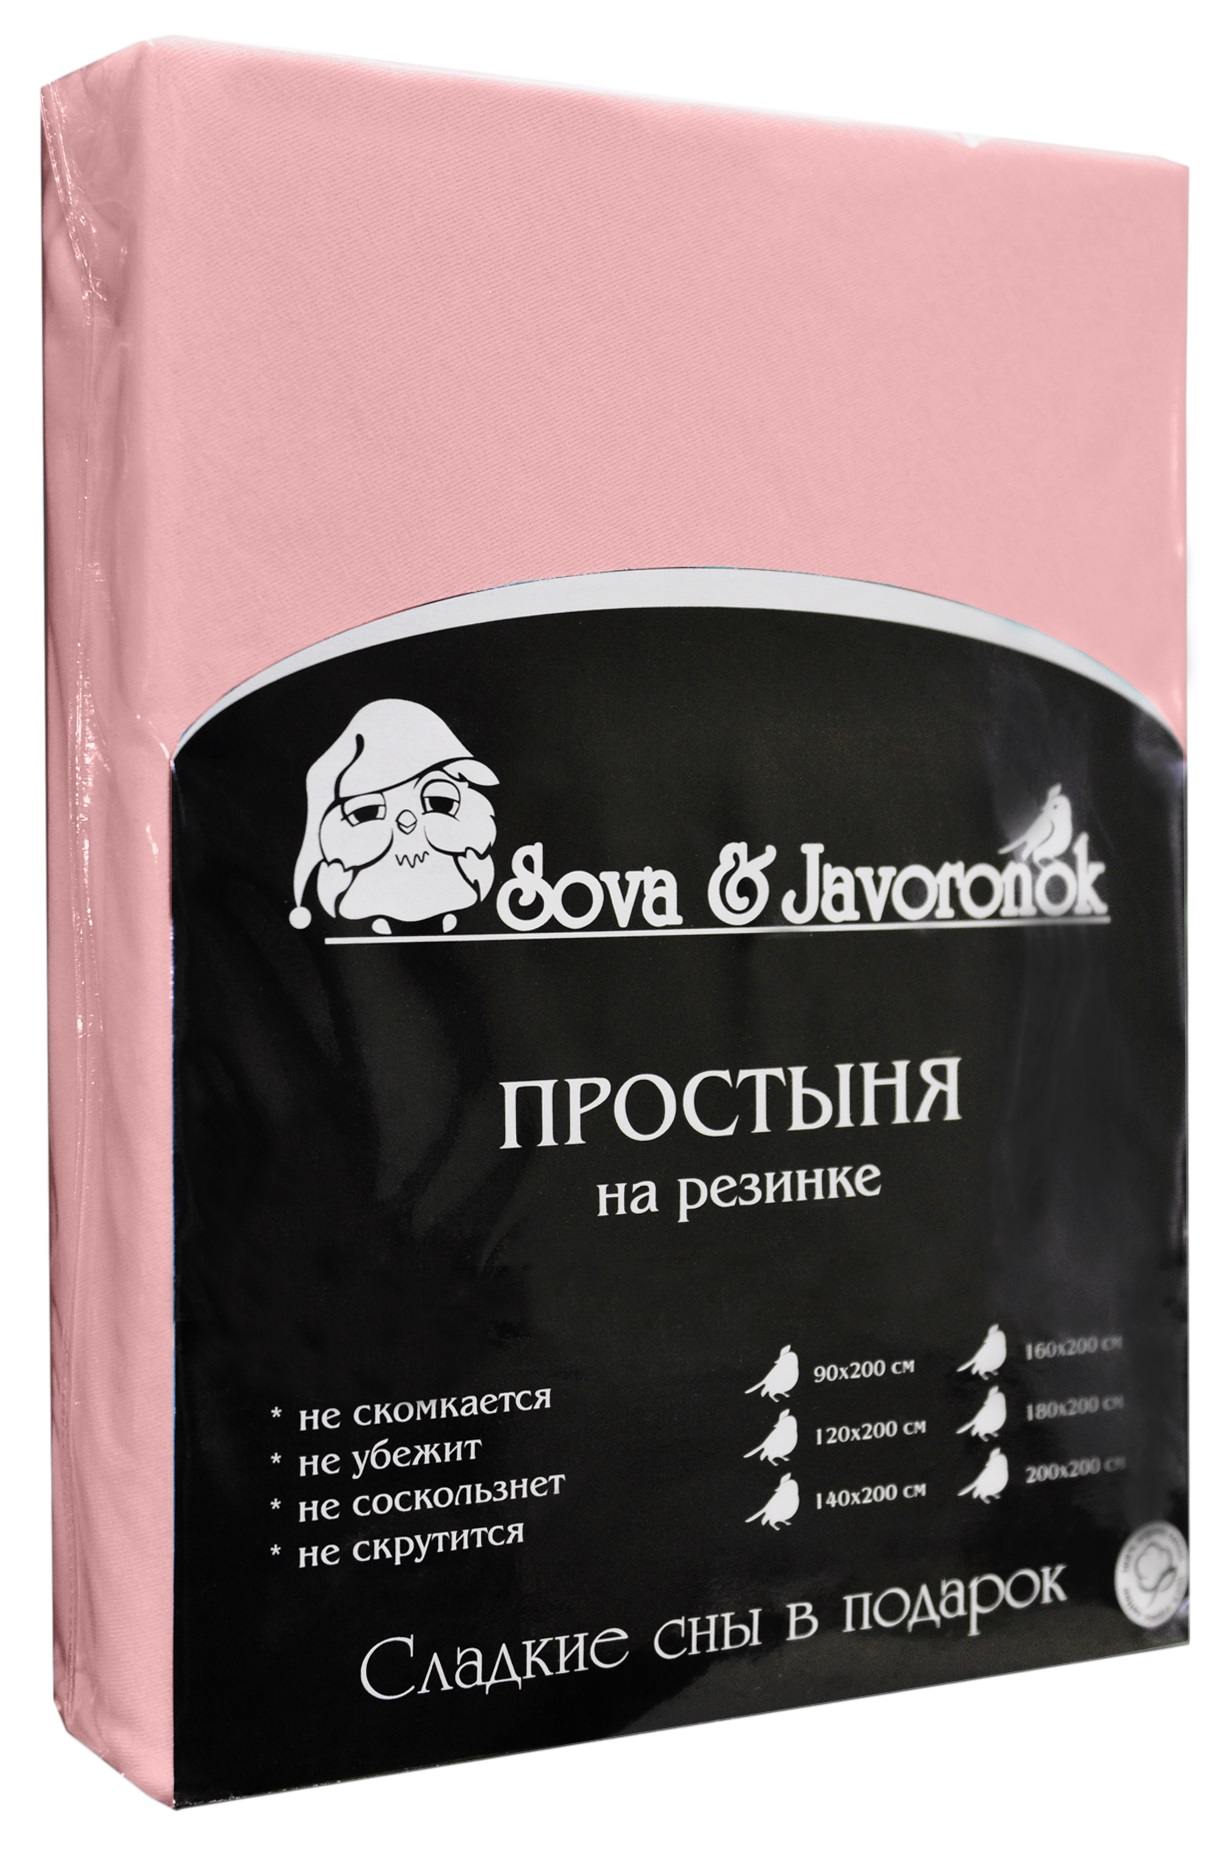 Простыня на резинке Sova & Javoronok, цвет: светло-розовый, 200 х 200 см0803114201Простыня на резинке Sova & Javoronok, изготовленная из трикотажной ткани (100% хлопок), будет превосходно смотреться с любыми комплектами белья. Хлопчатобумажный трикотаж по праву считается одним из самых качественных, прочных и при этом приятных на ощупь. Его гигиеничность позволяет использовать простыню и в детских комнатах, к тому же 100%-ый хлопок в составе ткани не вызовет аллергии. У трикотажного полотна очень интересная структура, немного рыхлая за счет отсутствия плотного переплетения нитей и наличия особых петель, благодаря этому простыня Сова и Жаворонок отлично пропускает воздух и способствует его постоянной циркуляции. Поэтому ваша постель будет всегда оставаться свежей. Но главное и, пожалуй, самое известное свойство трикотажа - это его великолепная растяжимость, поэтому эта ткань и была выбрана для натяжной простыни на резинке.Простыня прошита резинкой по всему периметру, что обеспечивает более комфортный отдых, так как она прочно удерживается на матрасе и избавляет от необходимости часто поправлять простыню.